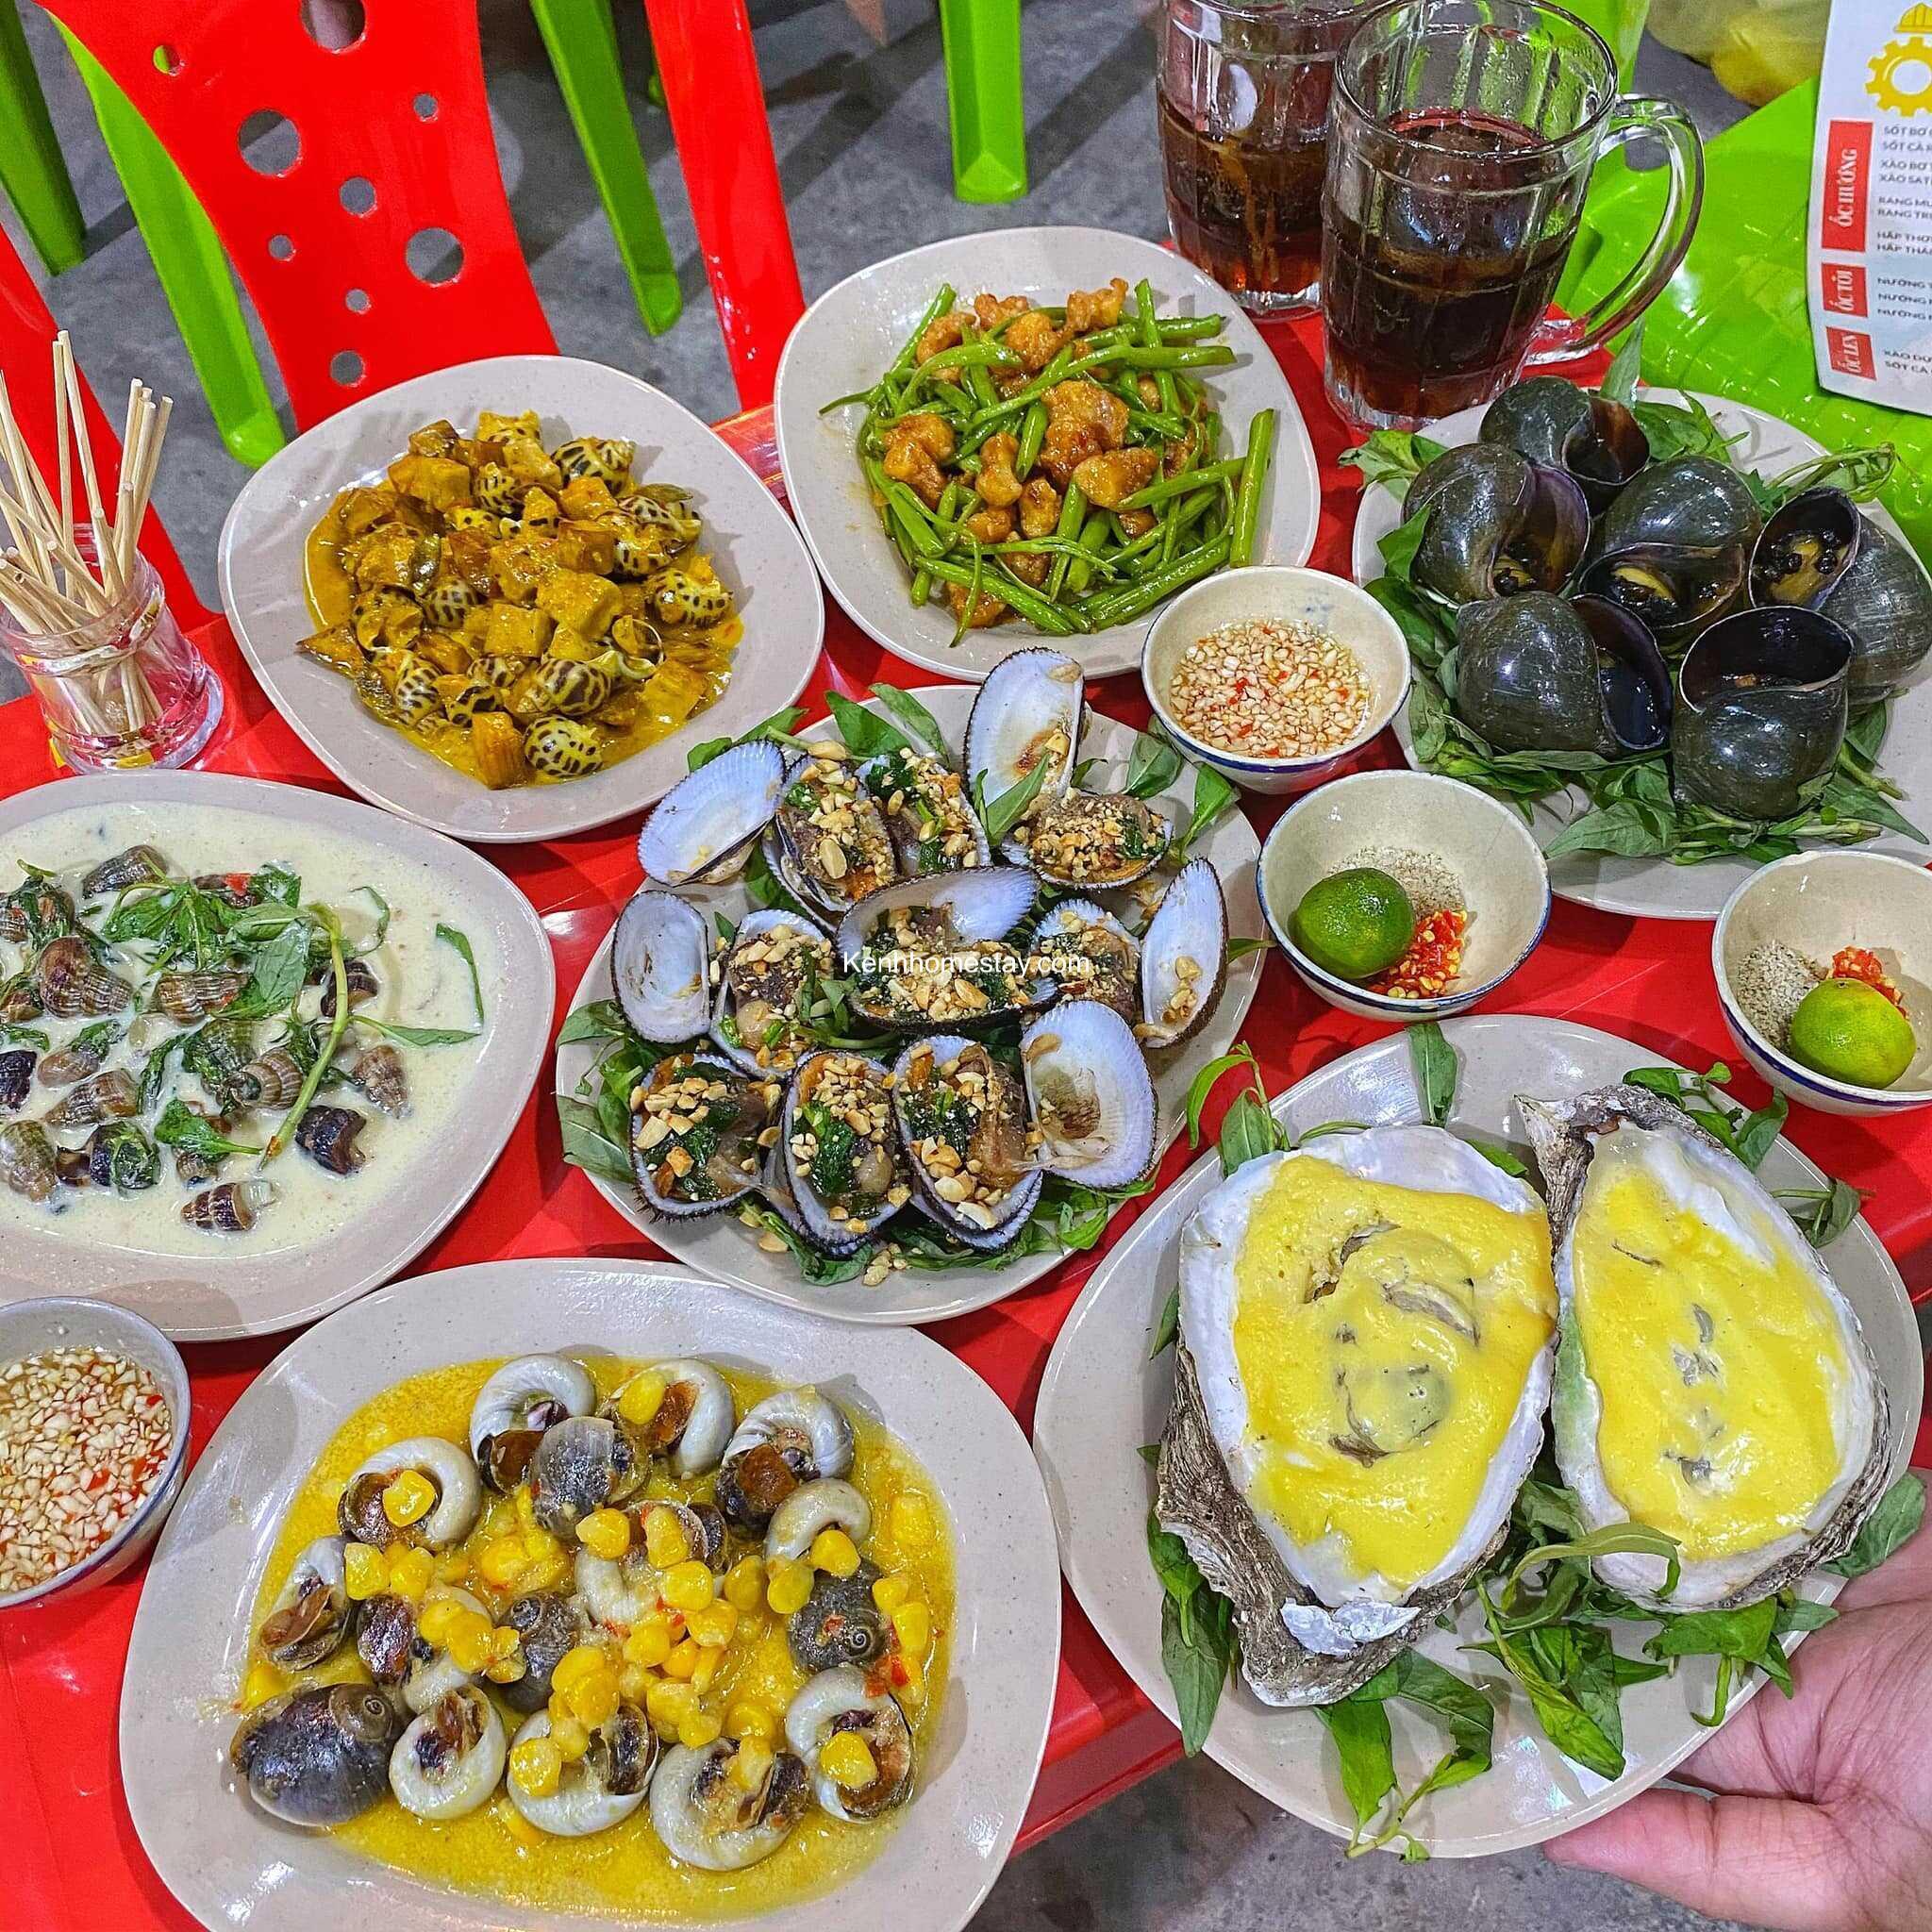 Top 10 Quán ốc quận 11 Sài Gòn ngon giá rẻ cực đông khách ©️ Phuot.org